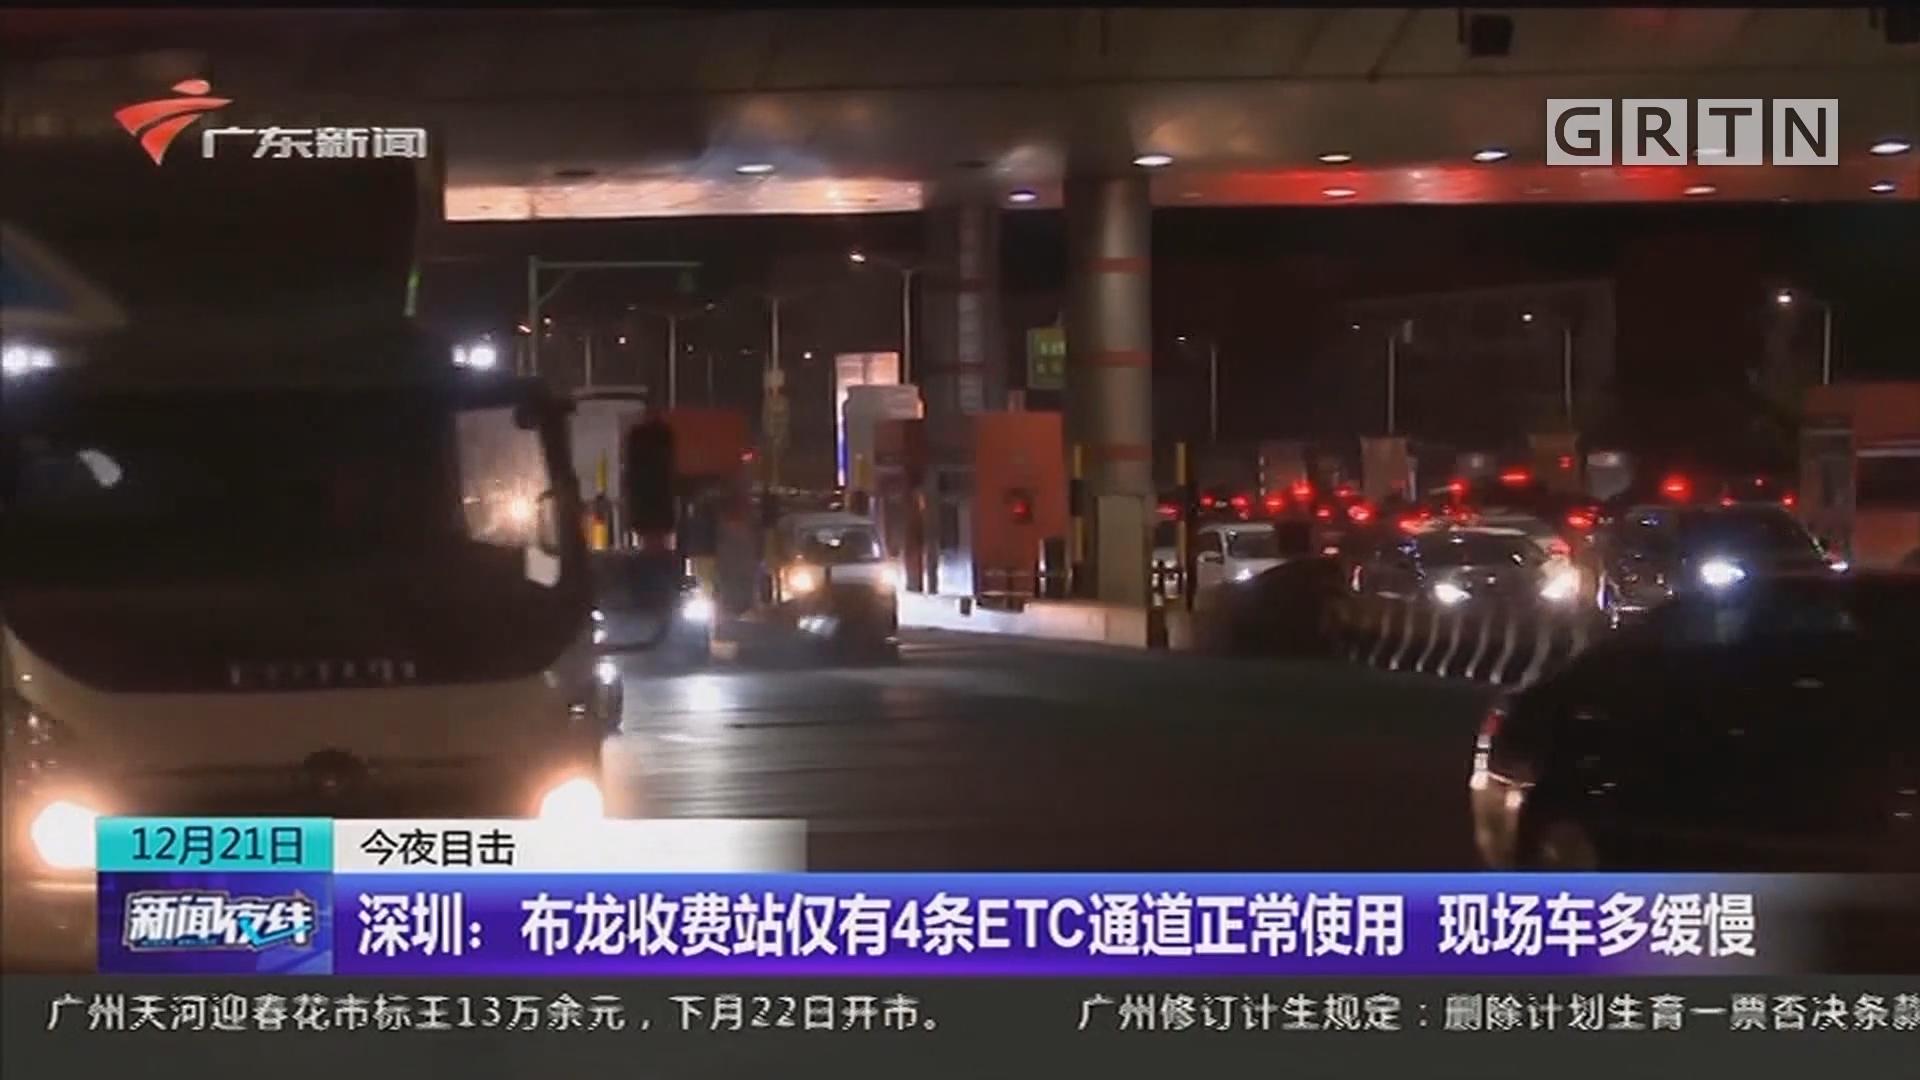 今夜目击 深圳:布龙收费站仅有4条ETC通道正常使用 现场车多缓慢